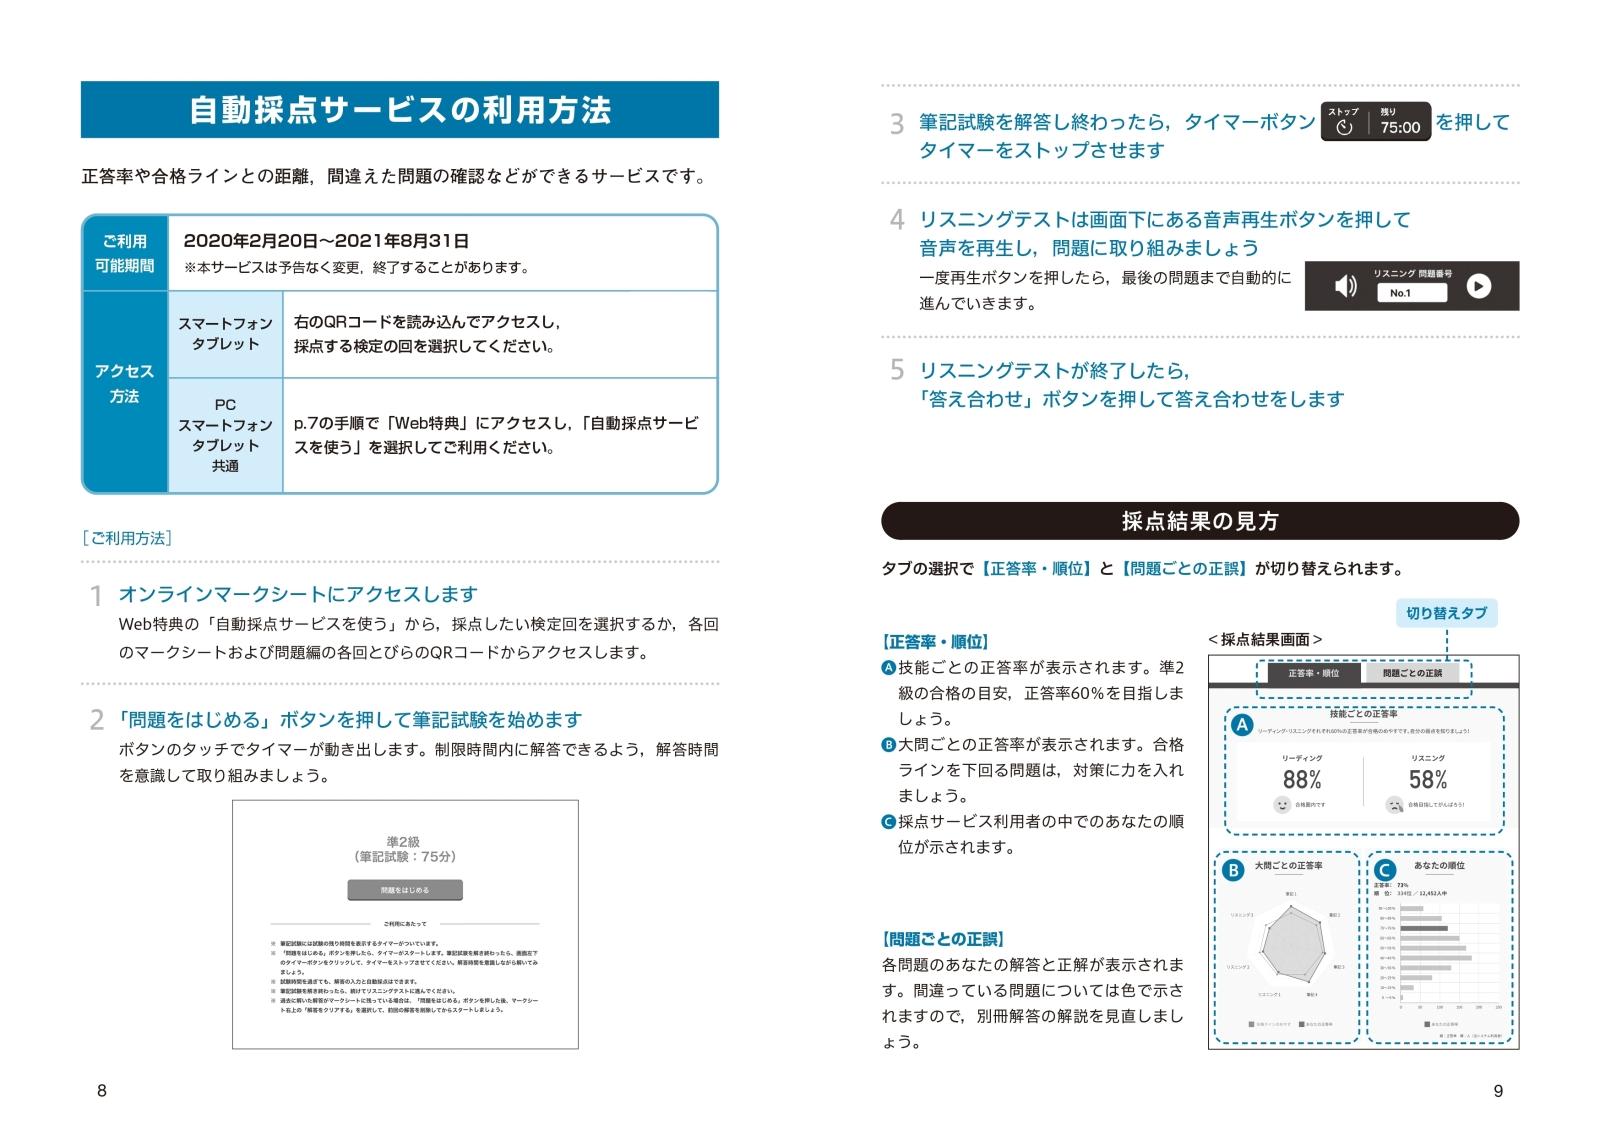 英 検 二 級 二 次 試験 当日のスケジュール&持ち物リスト 二次試験